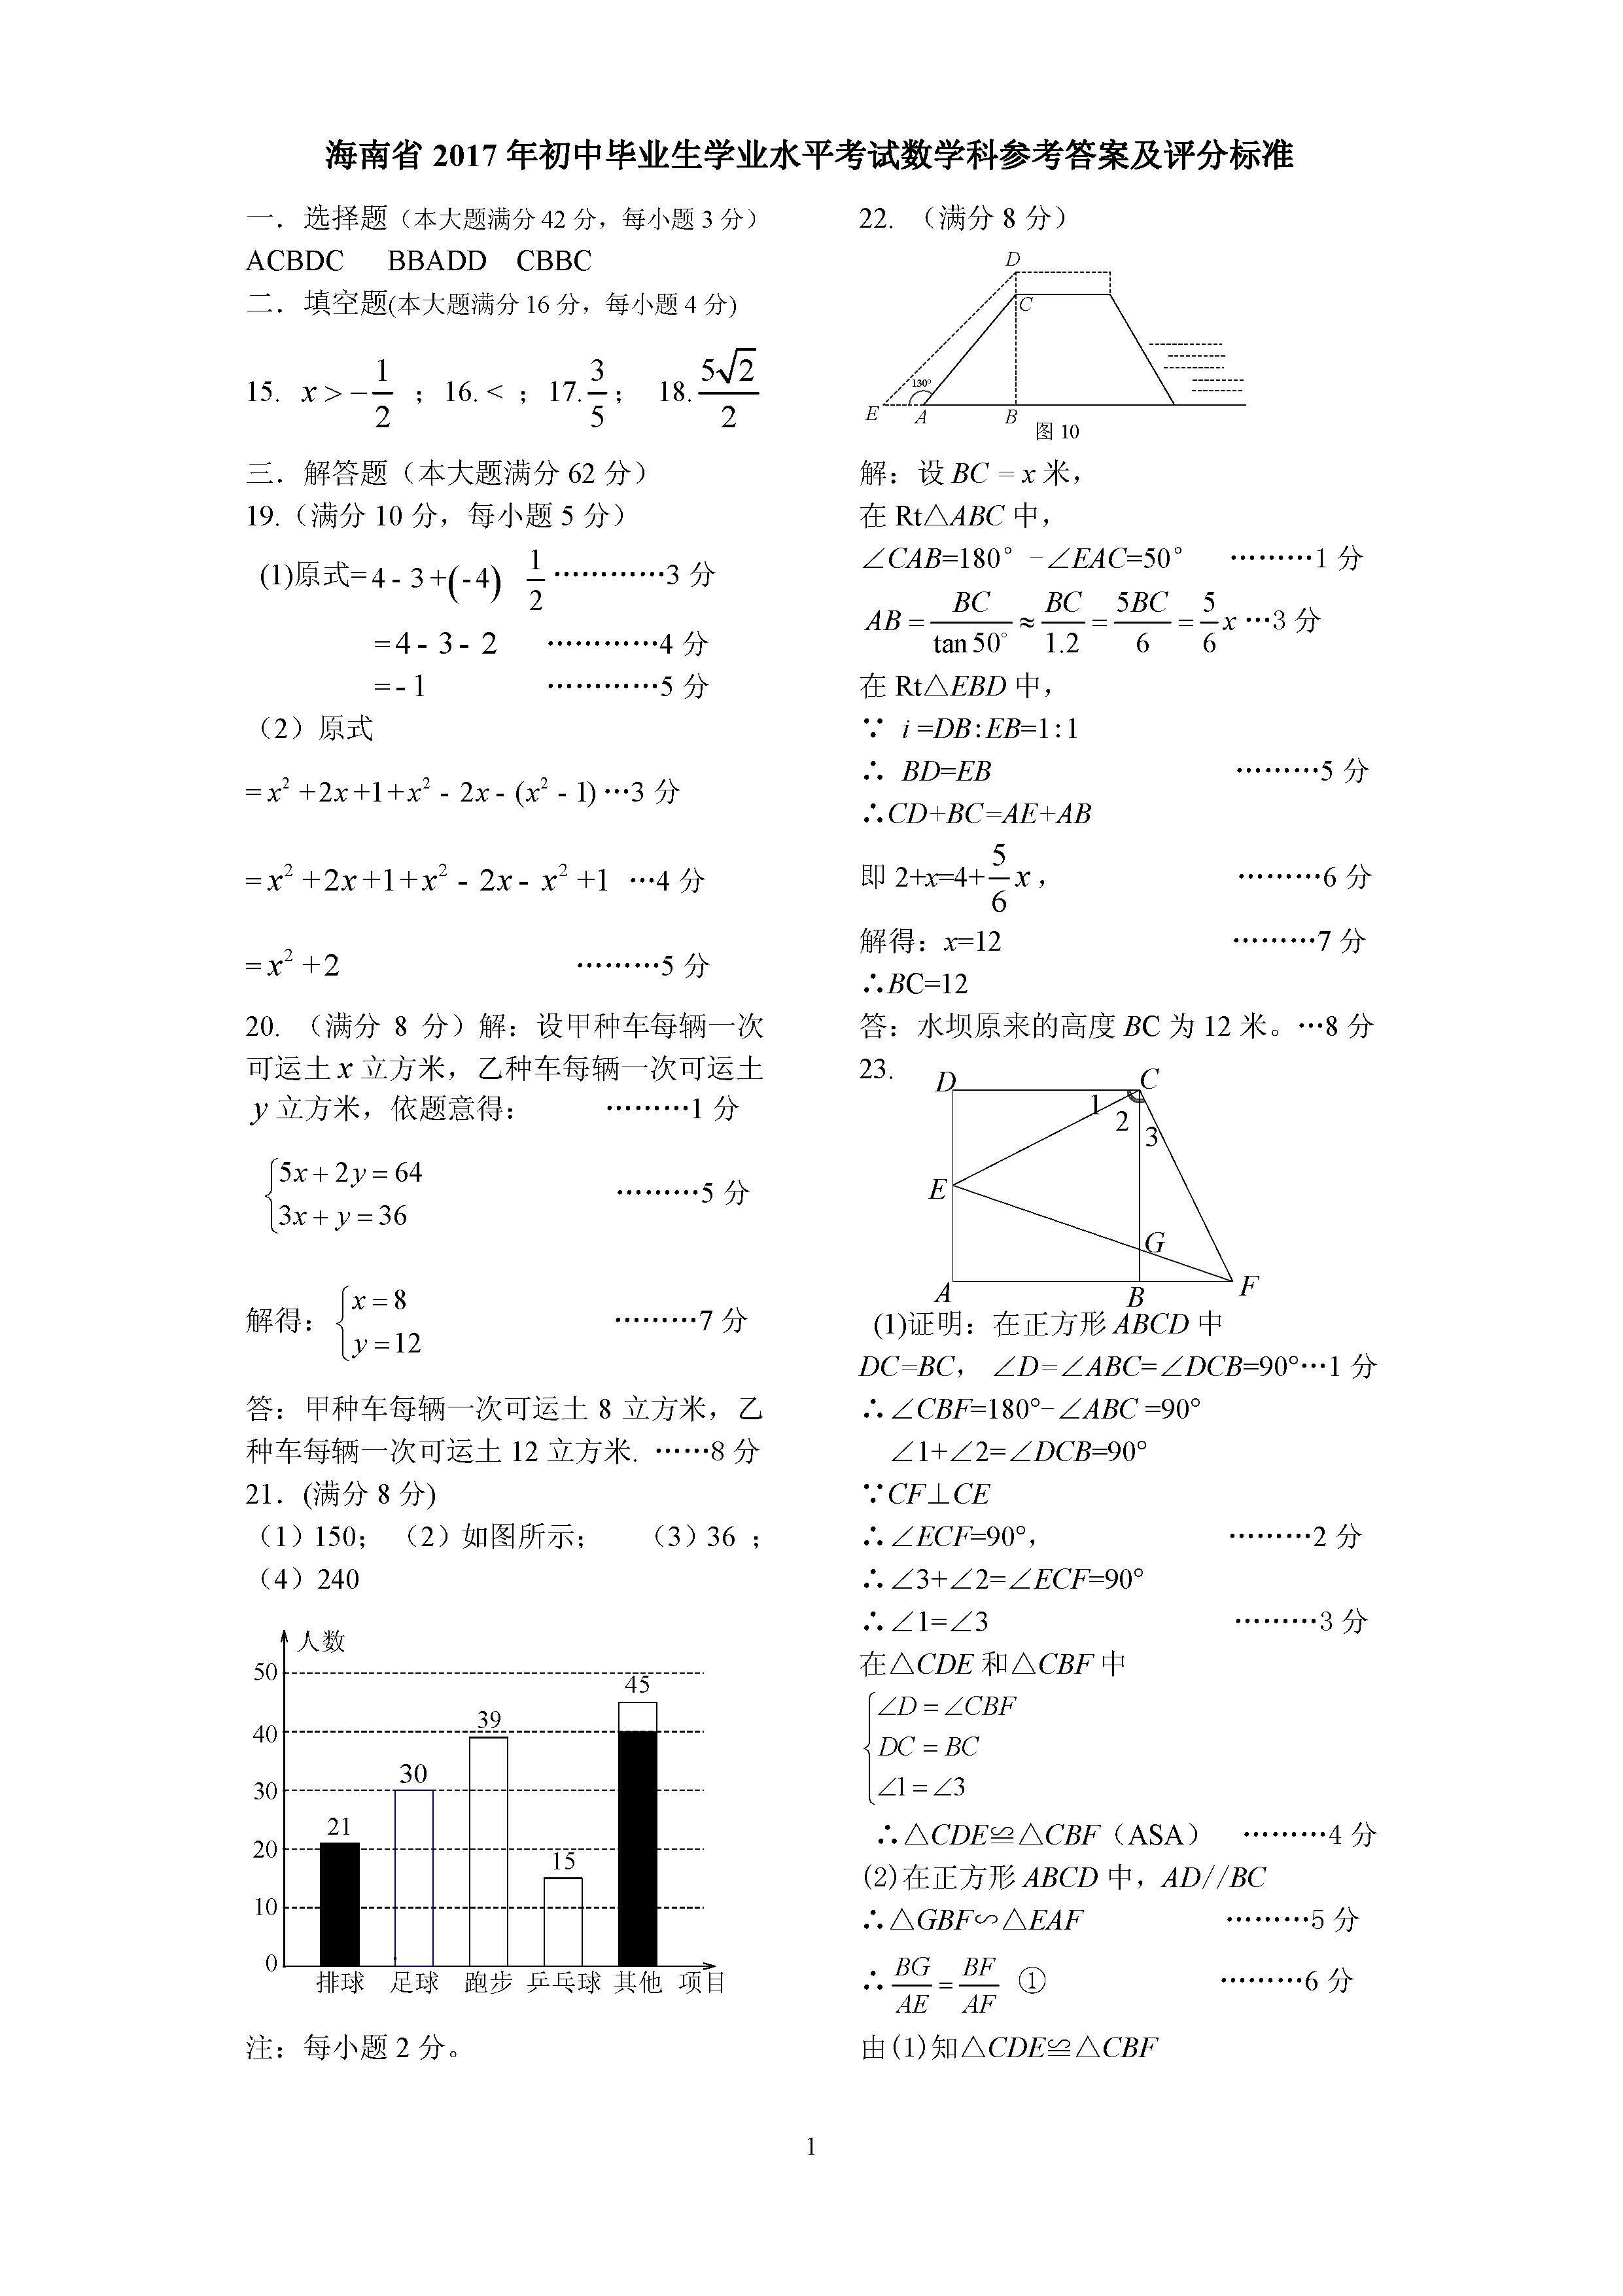 2017海南中考数学试题及答案解析 (图片版)